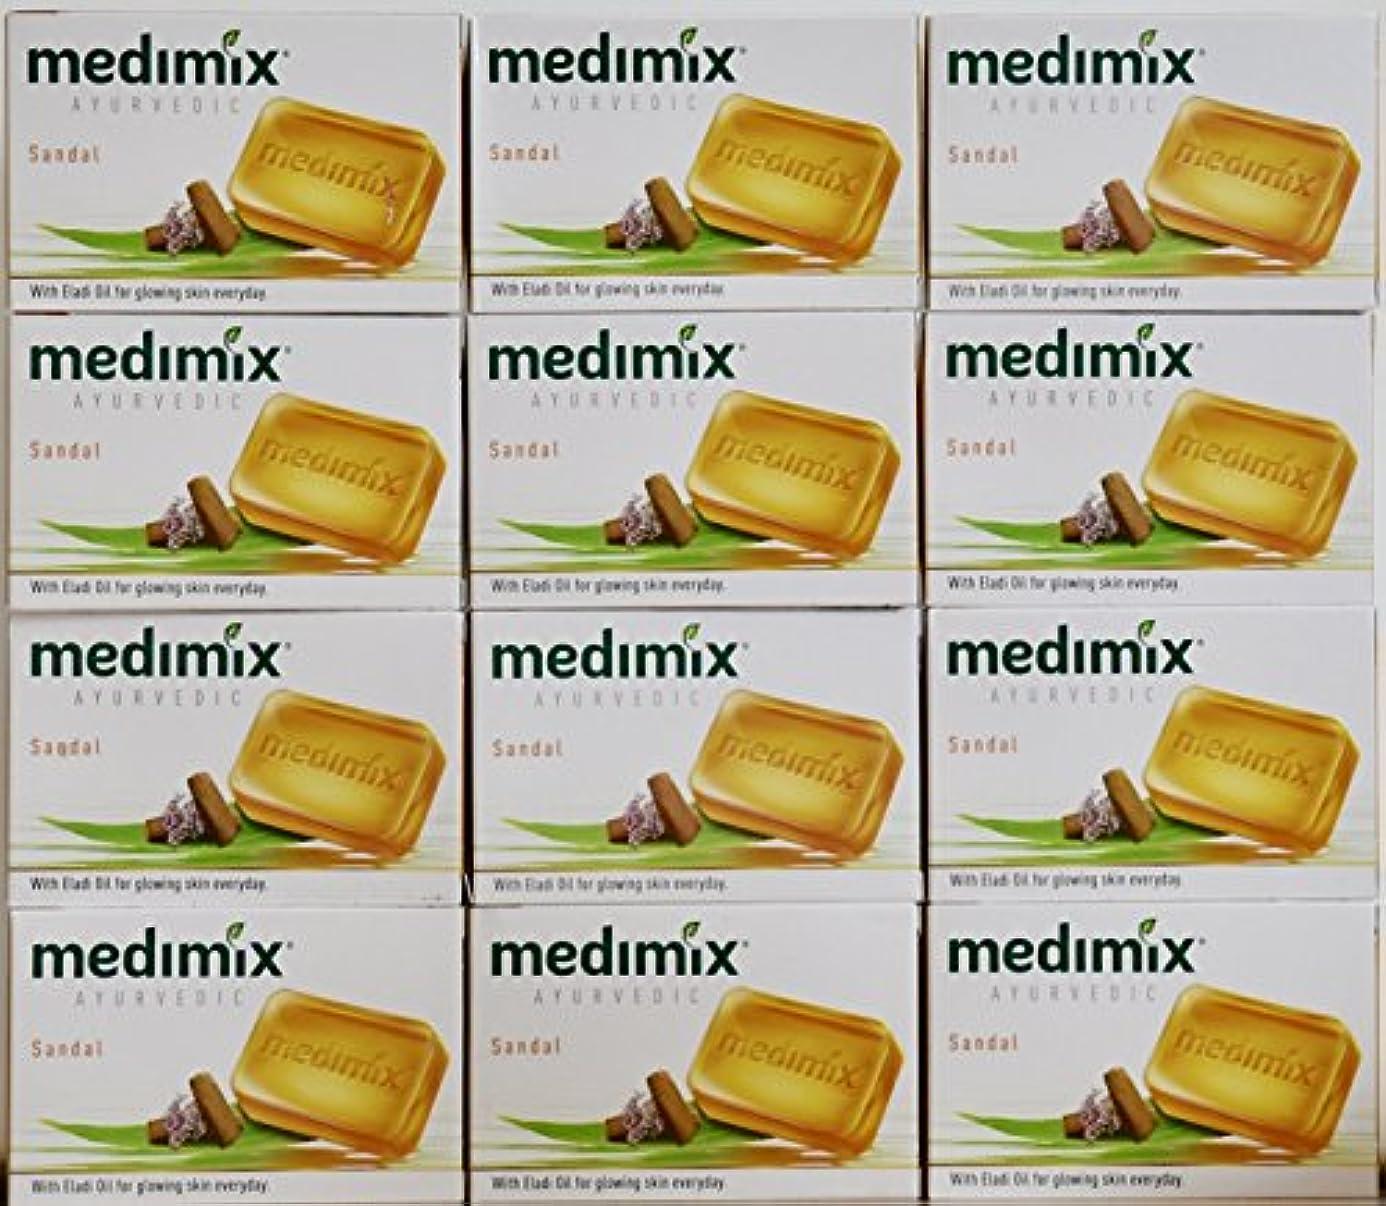 かどうか苦毒性medimix メディミックス アーユルヴェディックサンダル 石鹸(旧商品名クラシックオレンジ))125g 12個入り